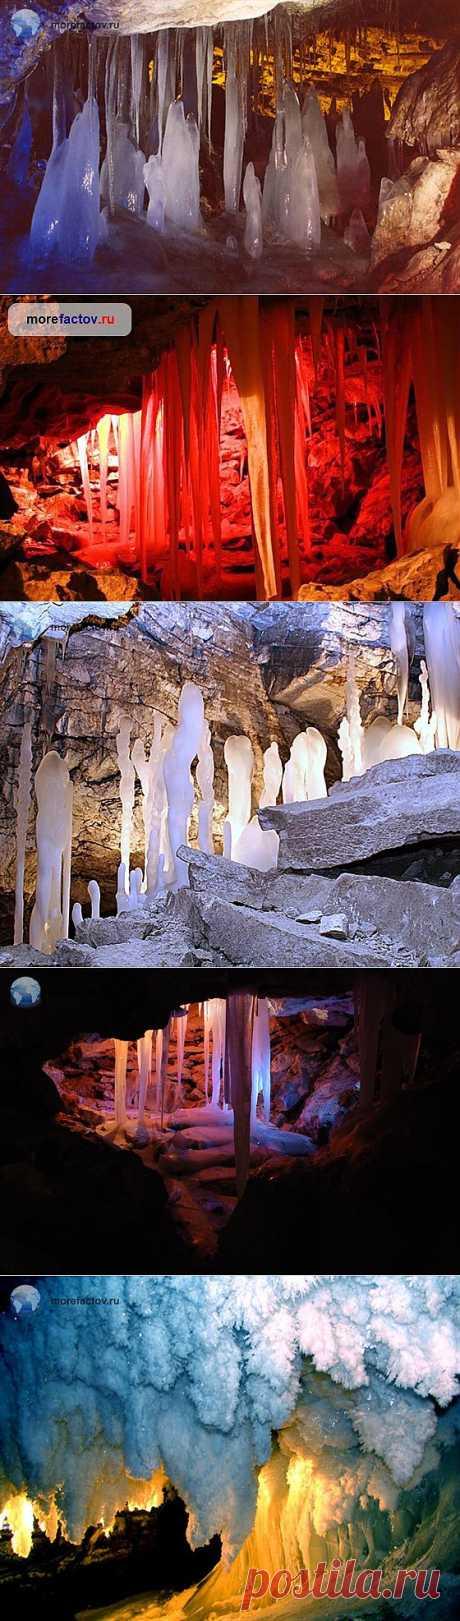 Кунгурская ледяная пещера, Россия - Море Фактов